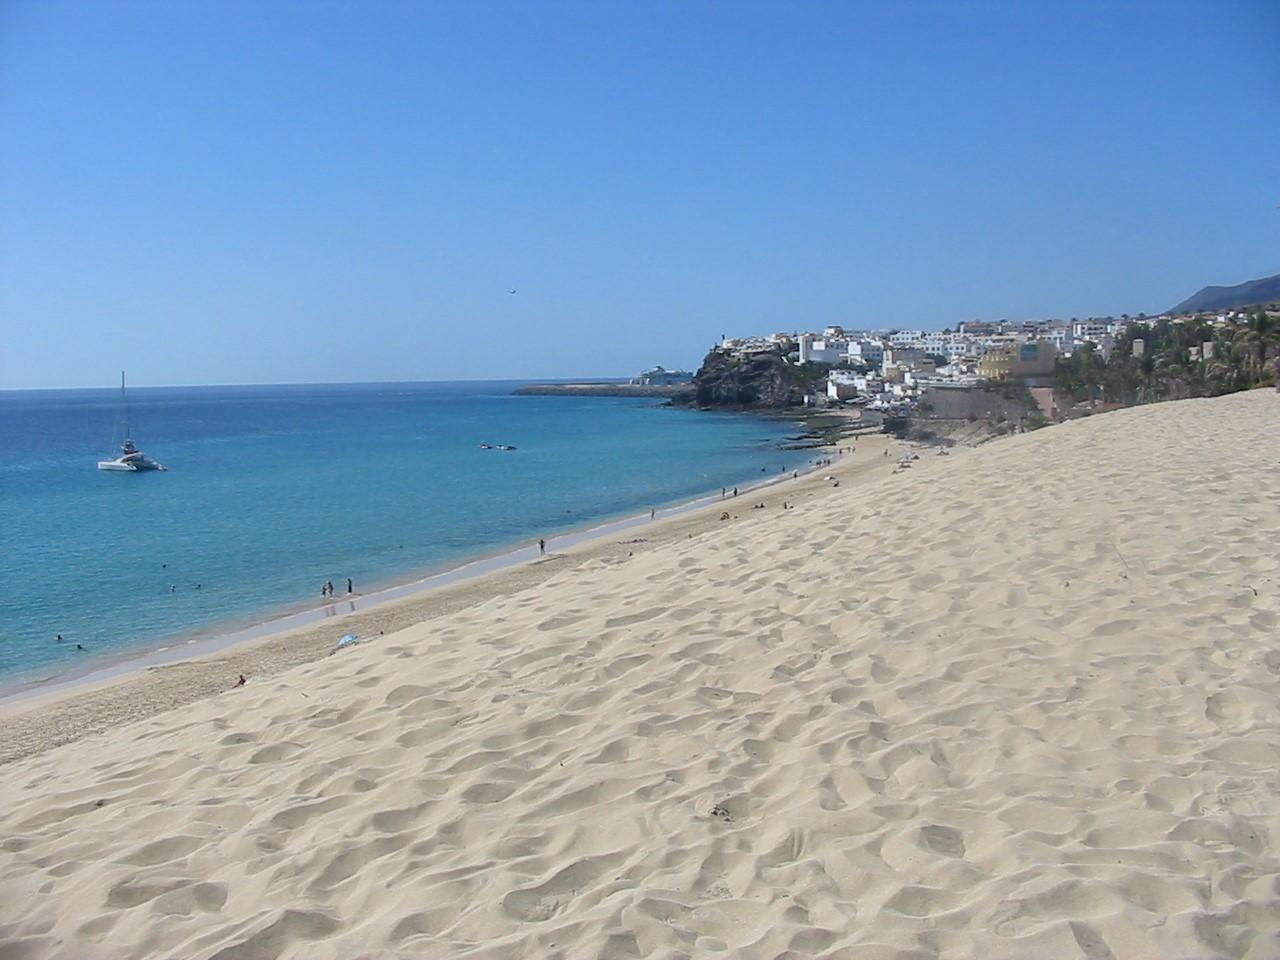 Ferienwohnung Bungalow mit Charme  nahe dem Strand und dem Meer, mit großem Terrasse 25 m. WIFI (497106), Costa Calma, Fuerteventura, Kanarische Inseln, Spanien, Bild 30